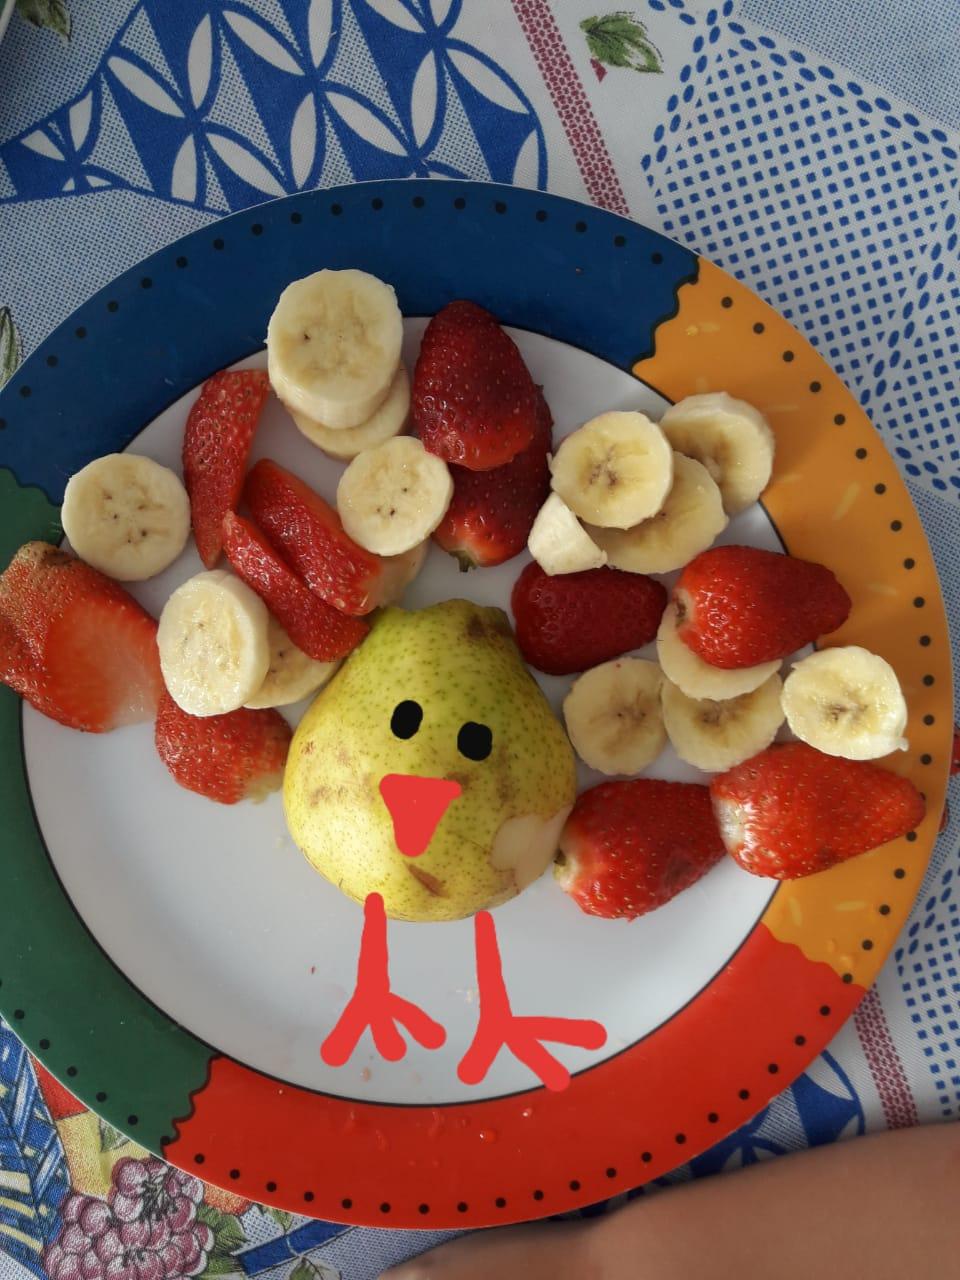 As aulas de inglês desta semana foram sobre fruits e animals. Arte com fruta = aprendizagem significativa 🍌🍓🍊 vejam que divertido!